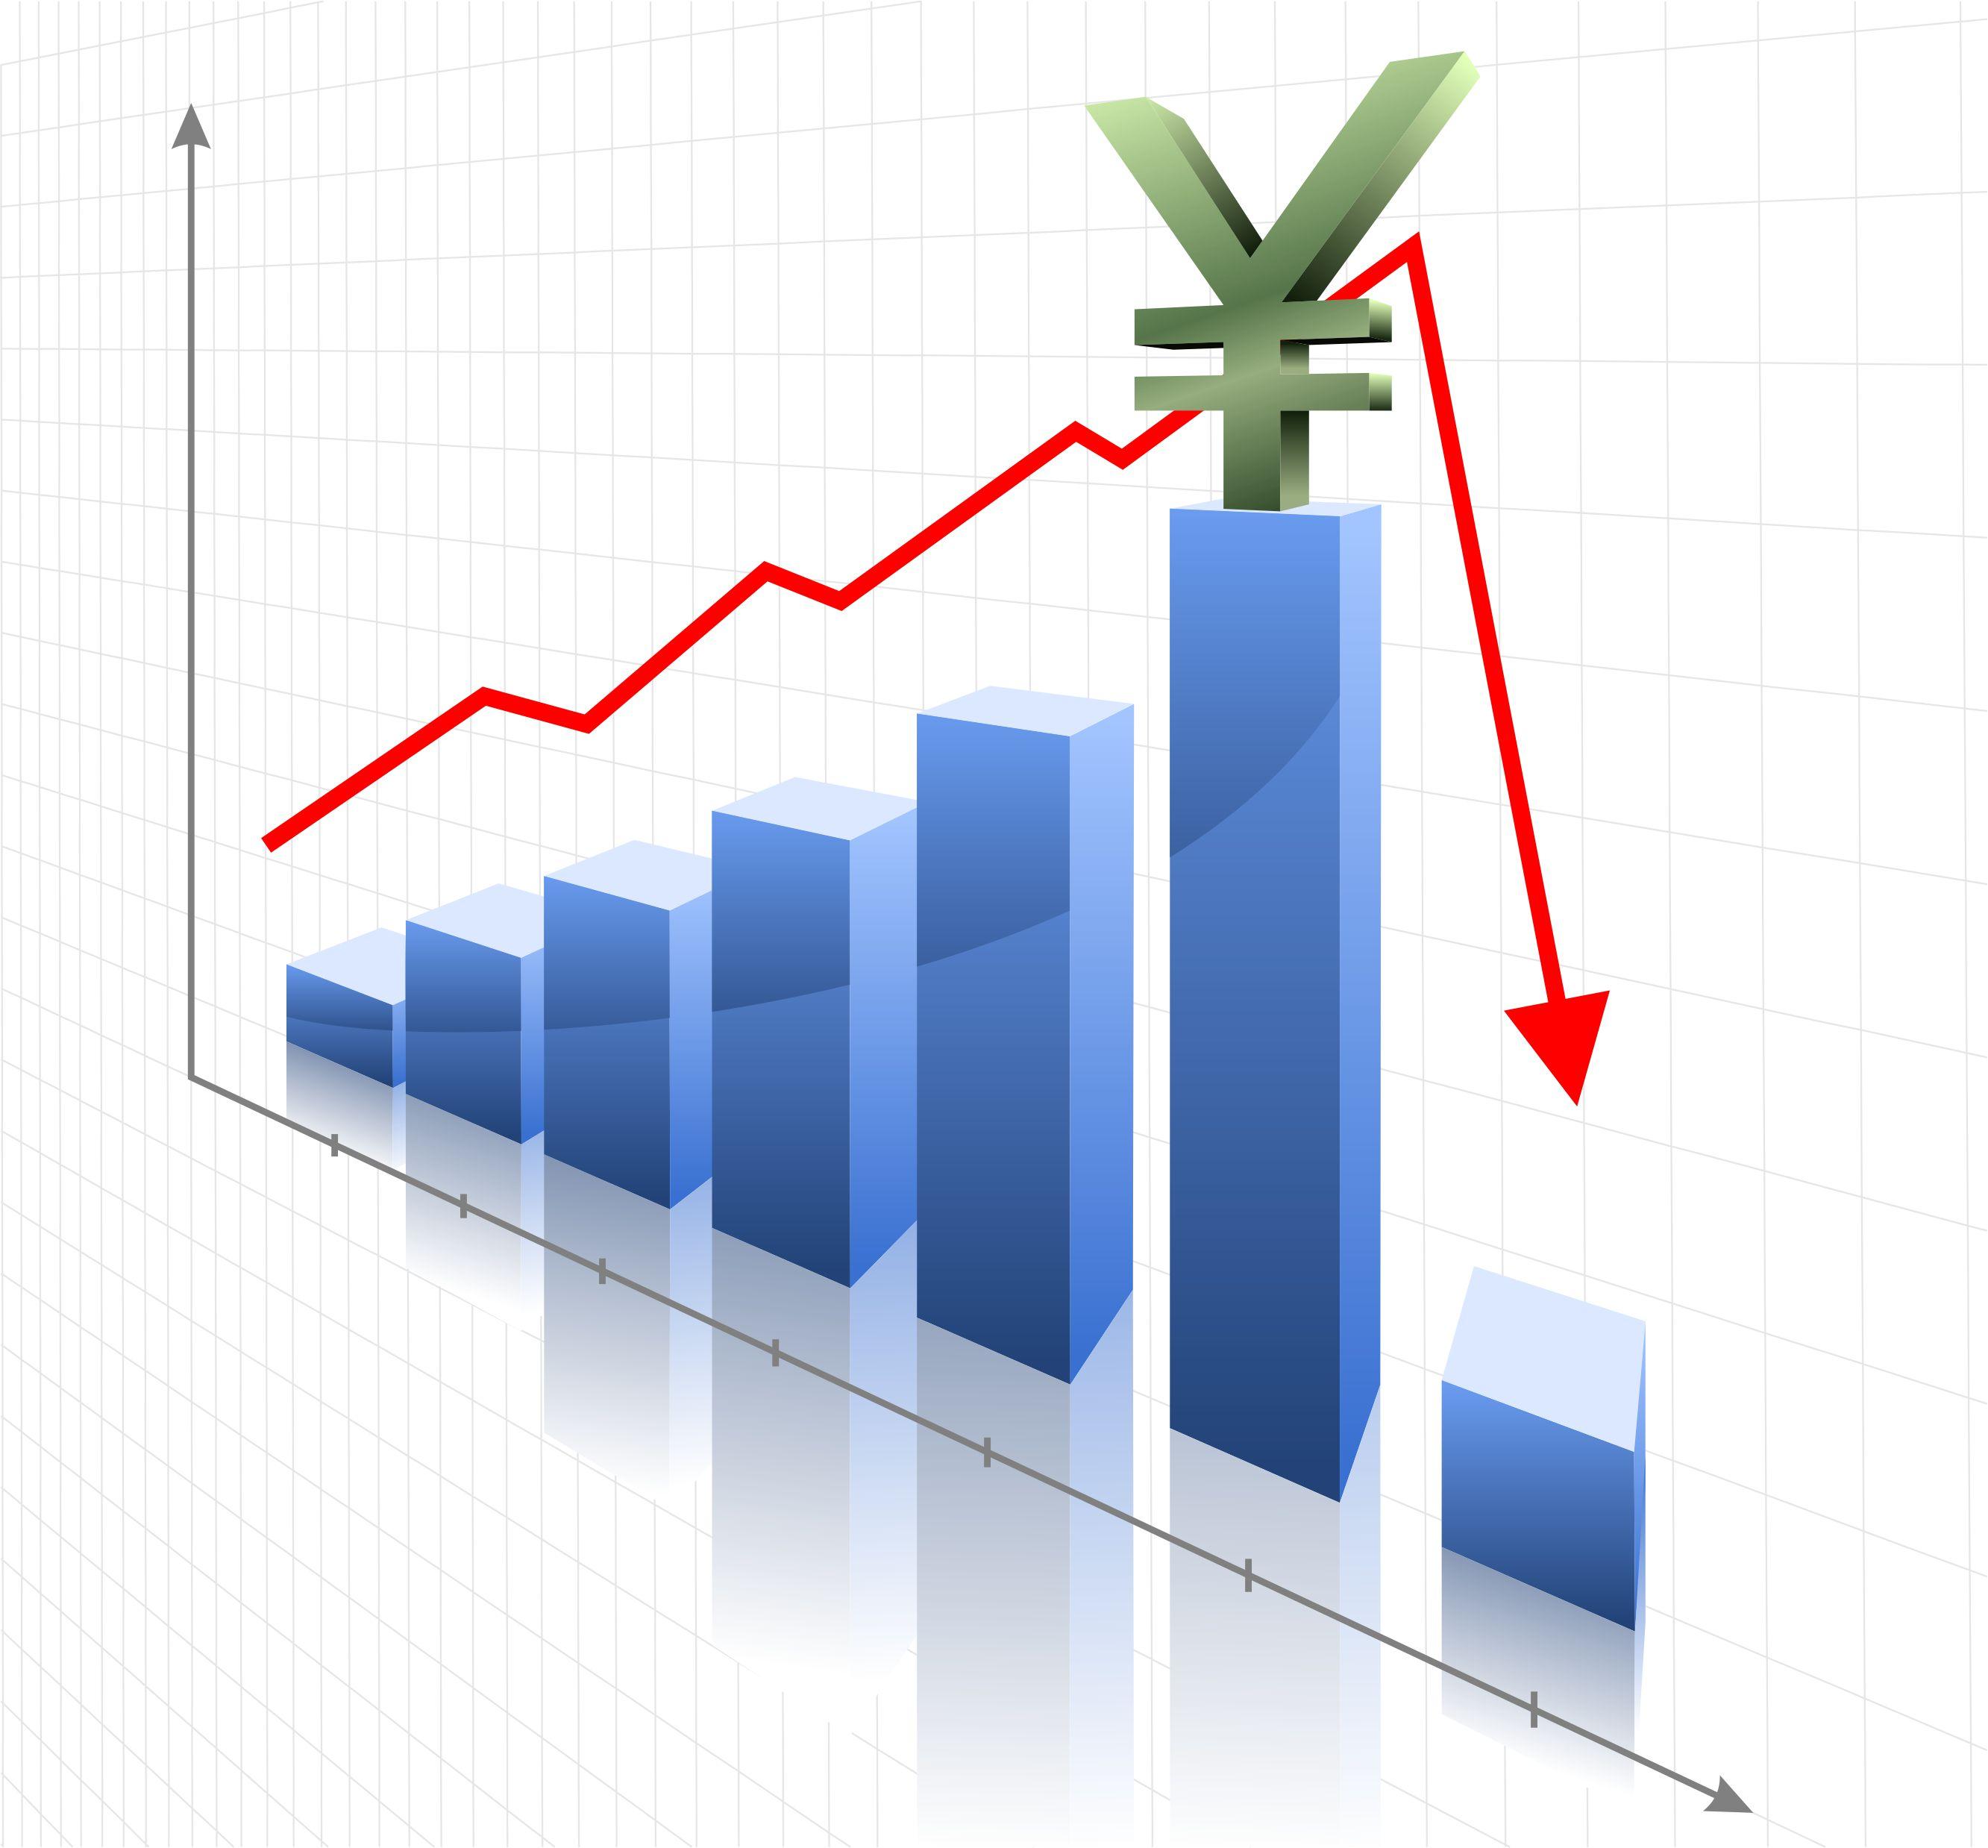 Financial Japan Yen Crisis